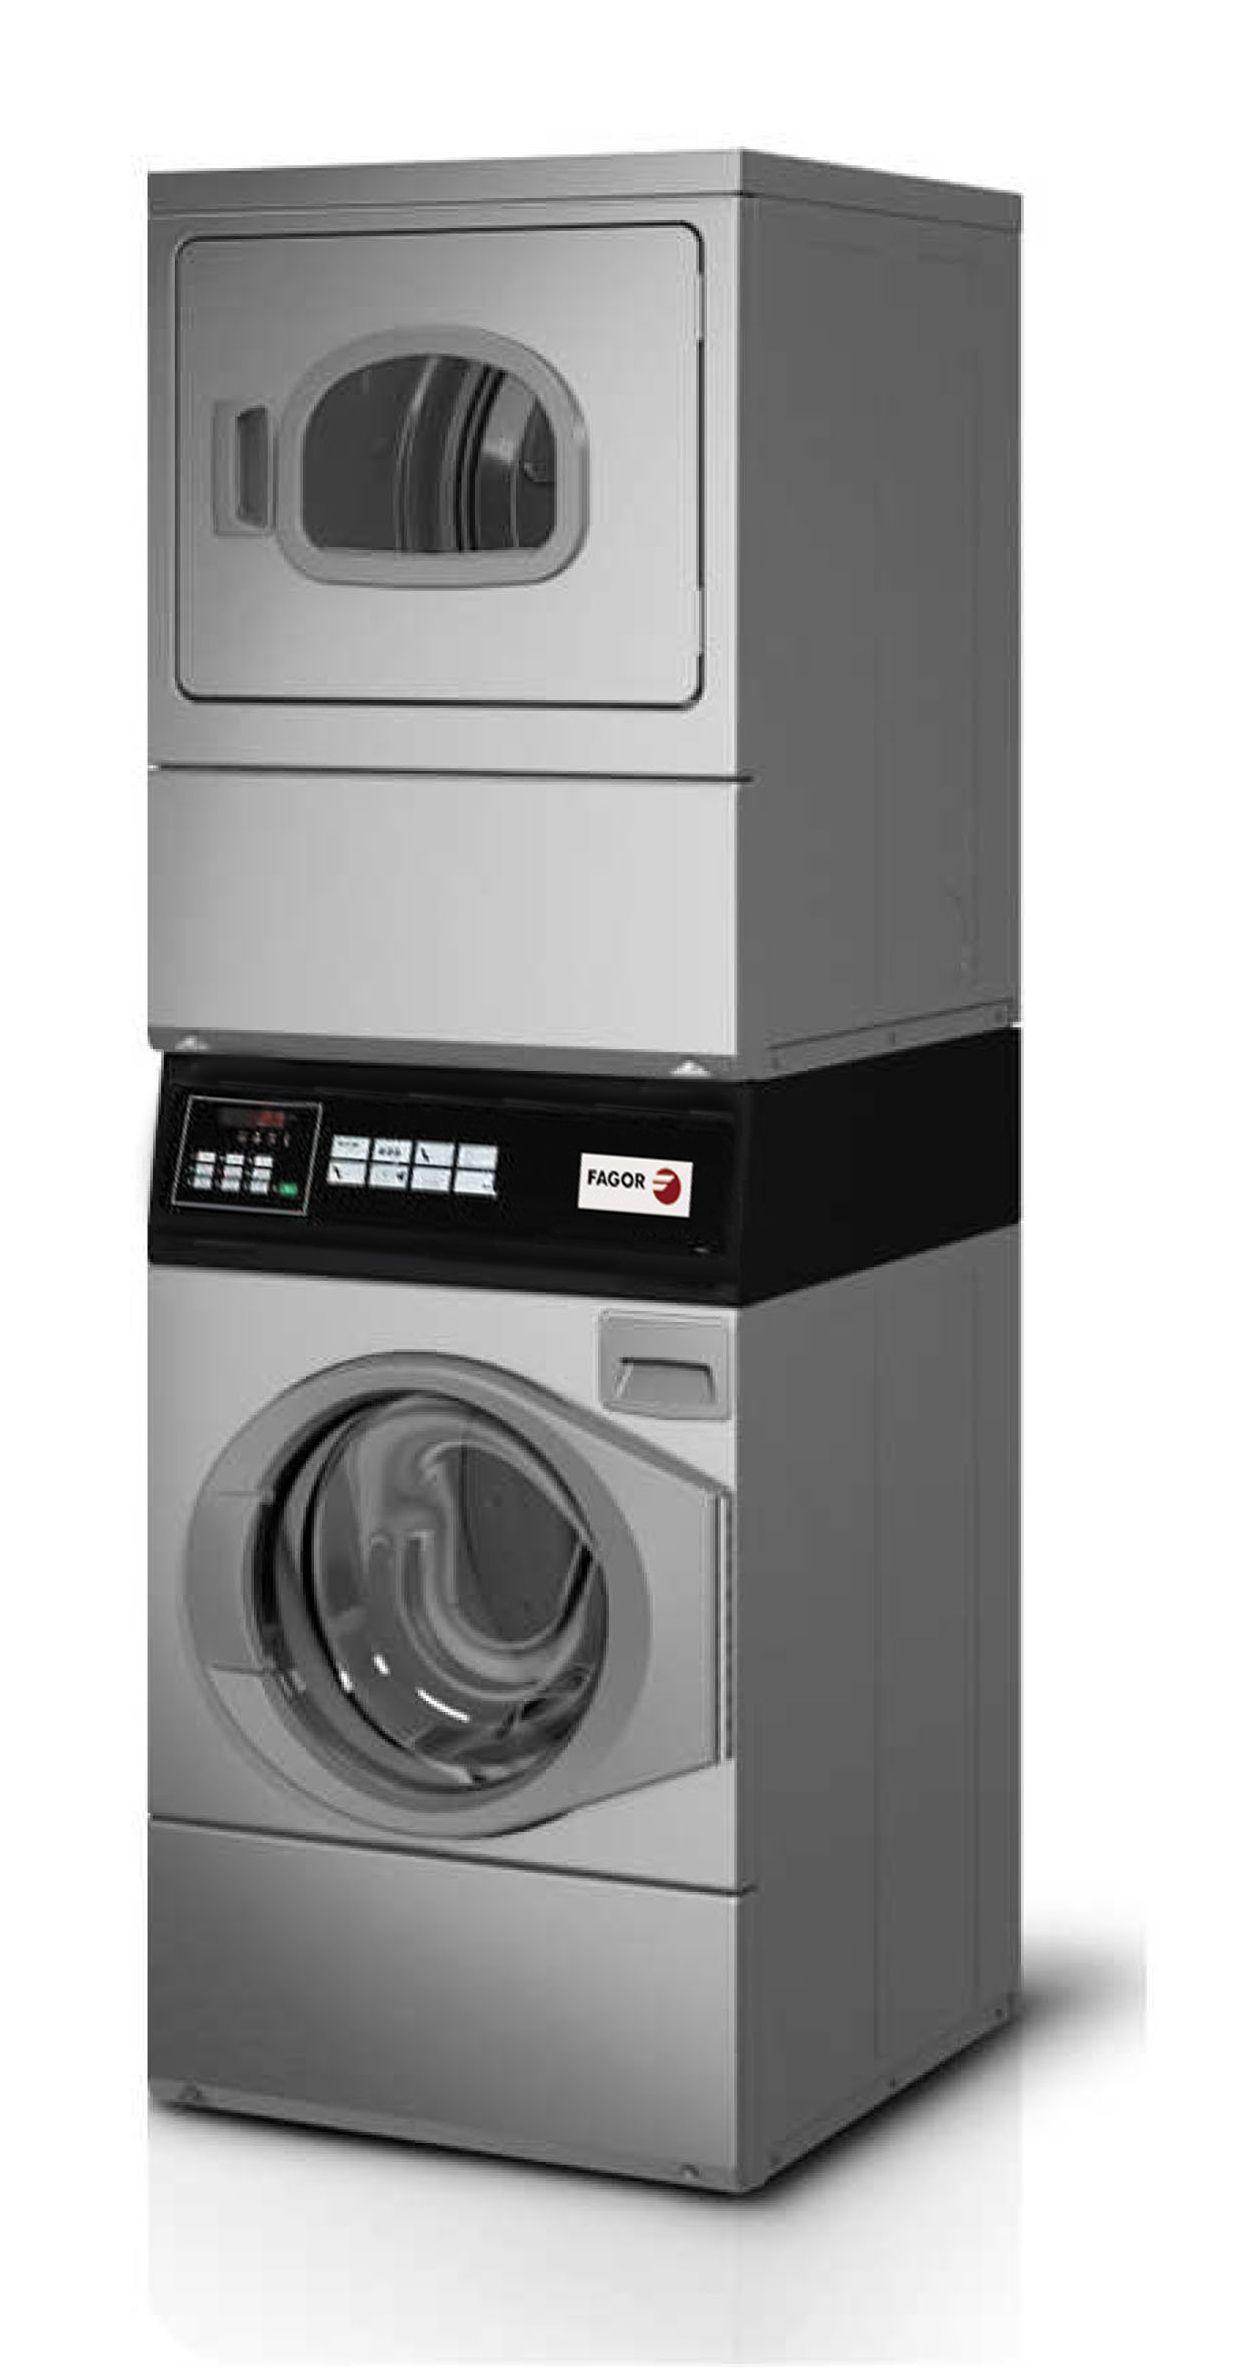 Conjunto lavadora secadora fagor pwd 10 inox - Medidas de lavadoras y secadoras ...